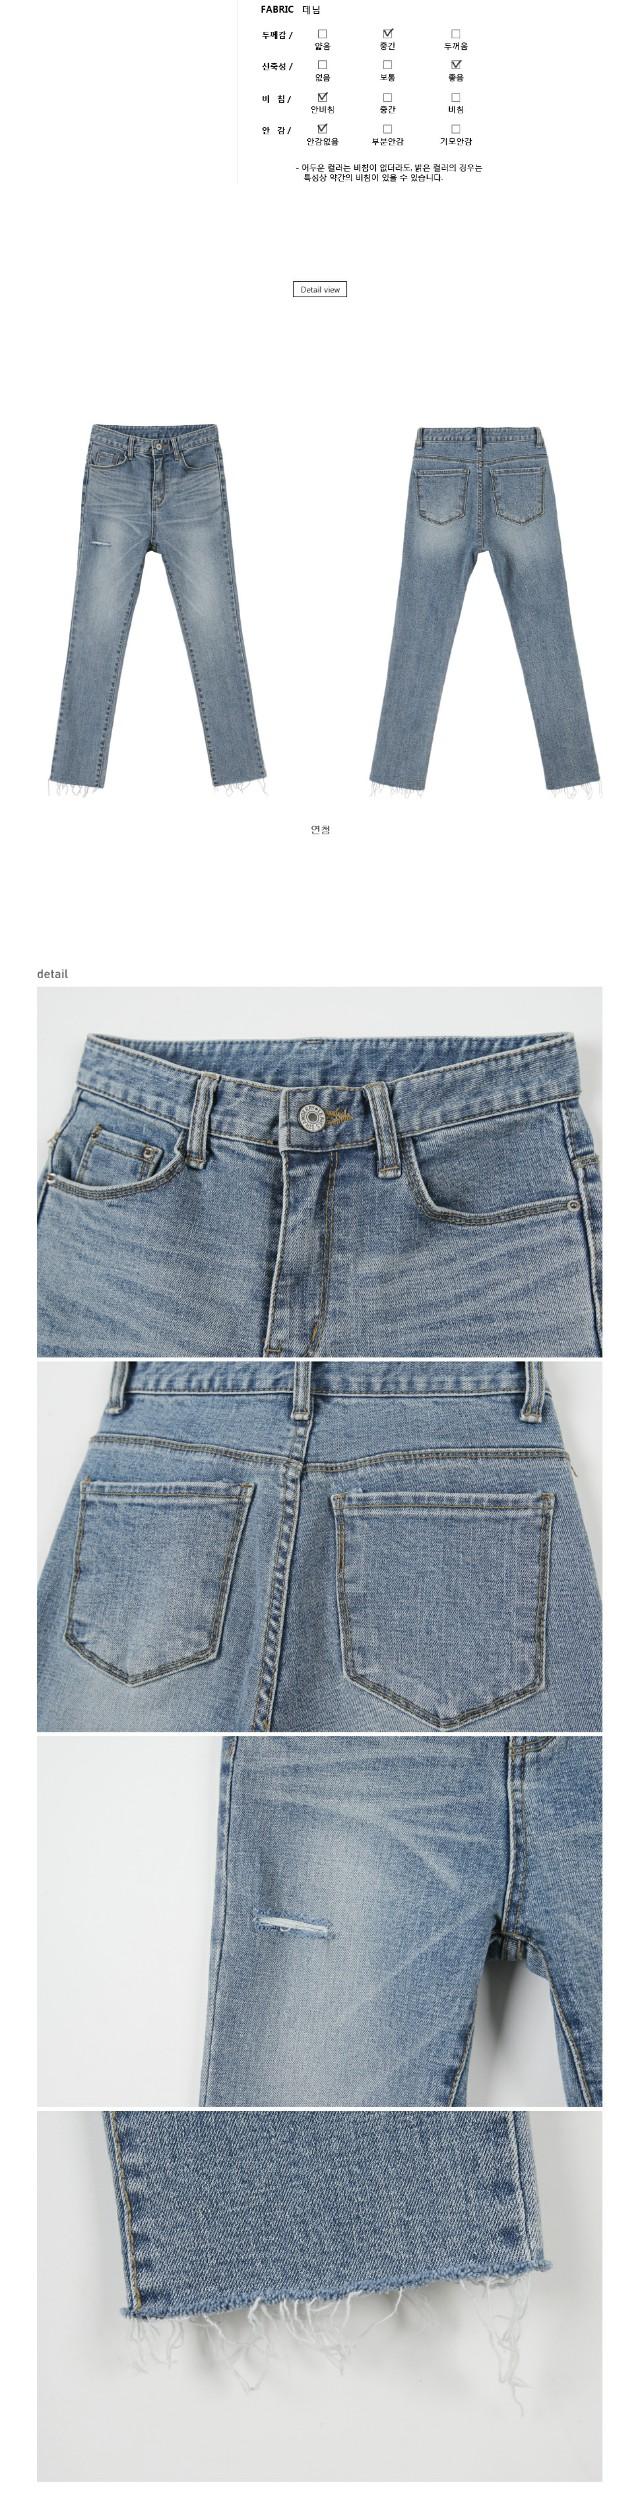 Henry slim date pants